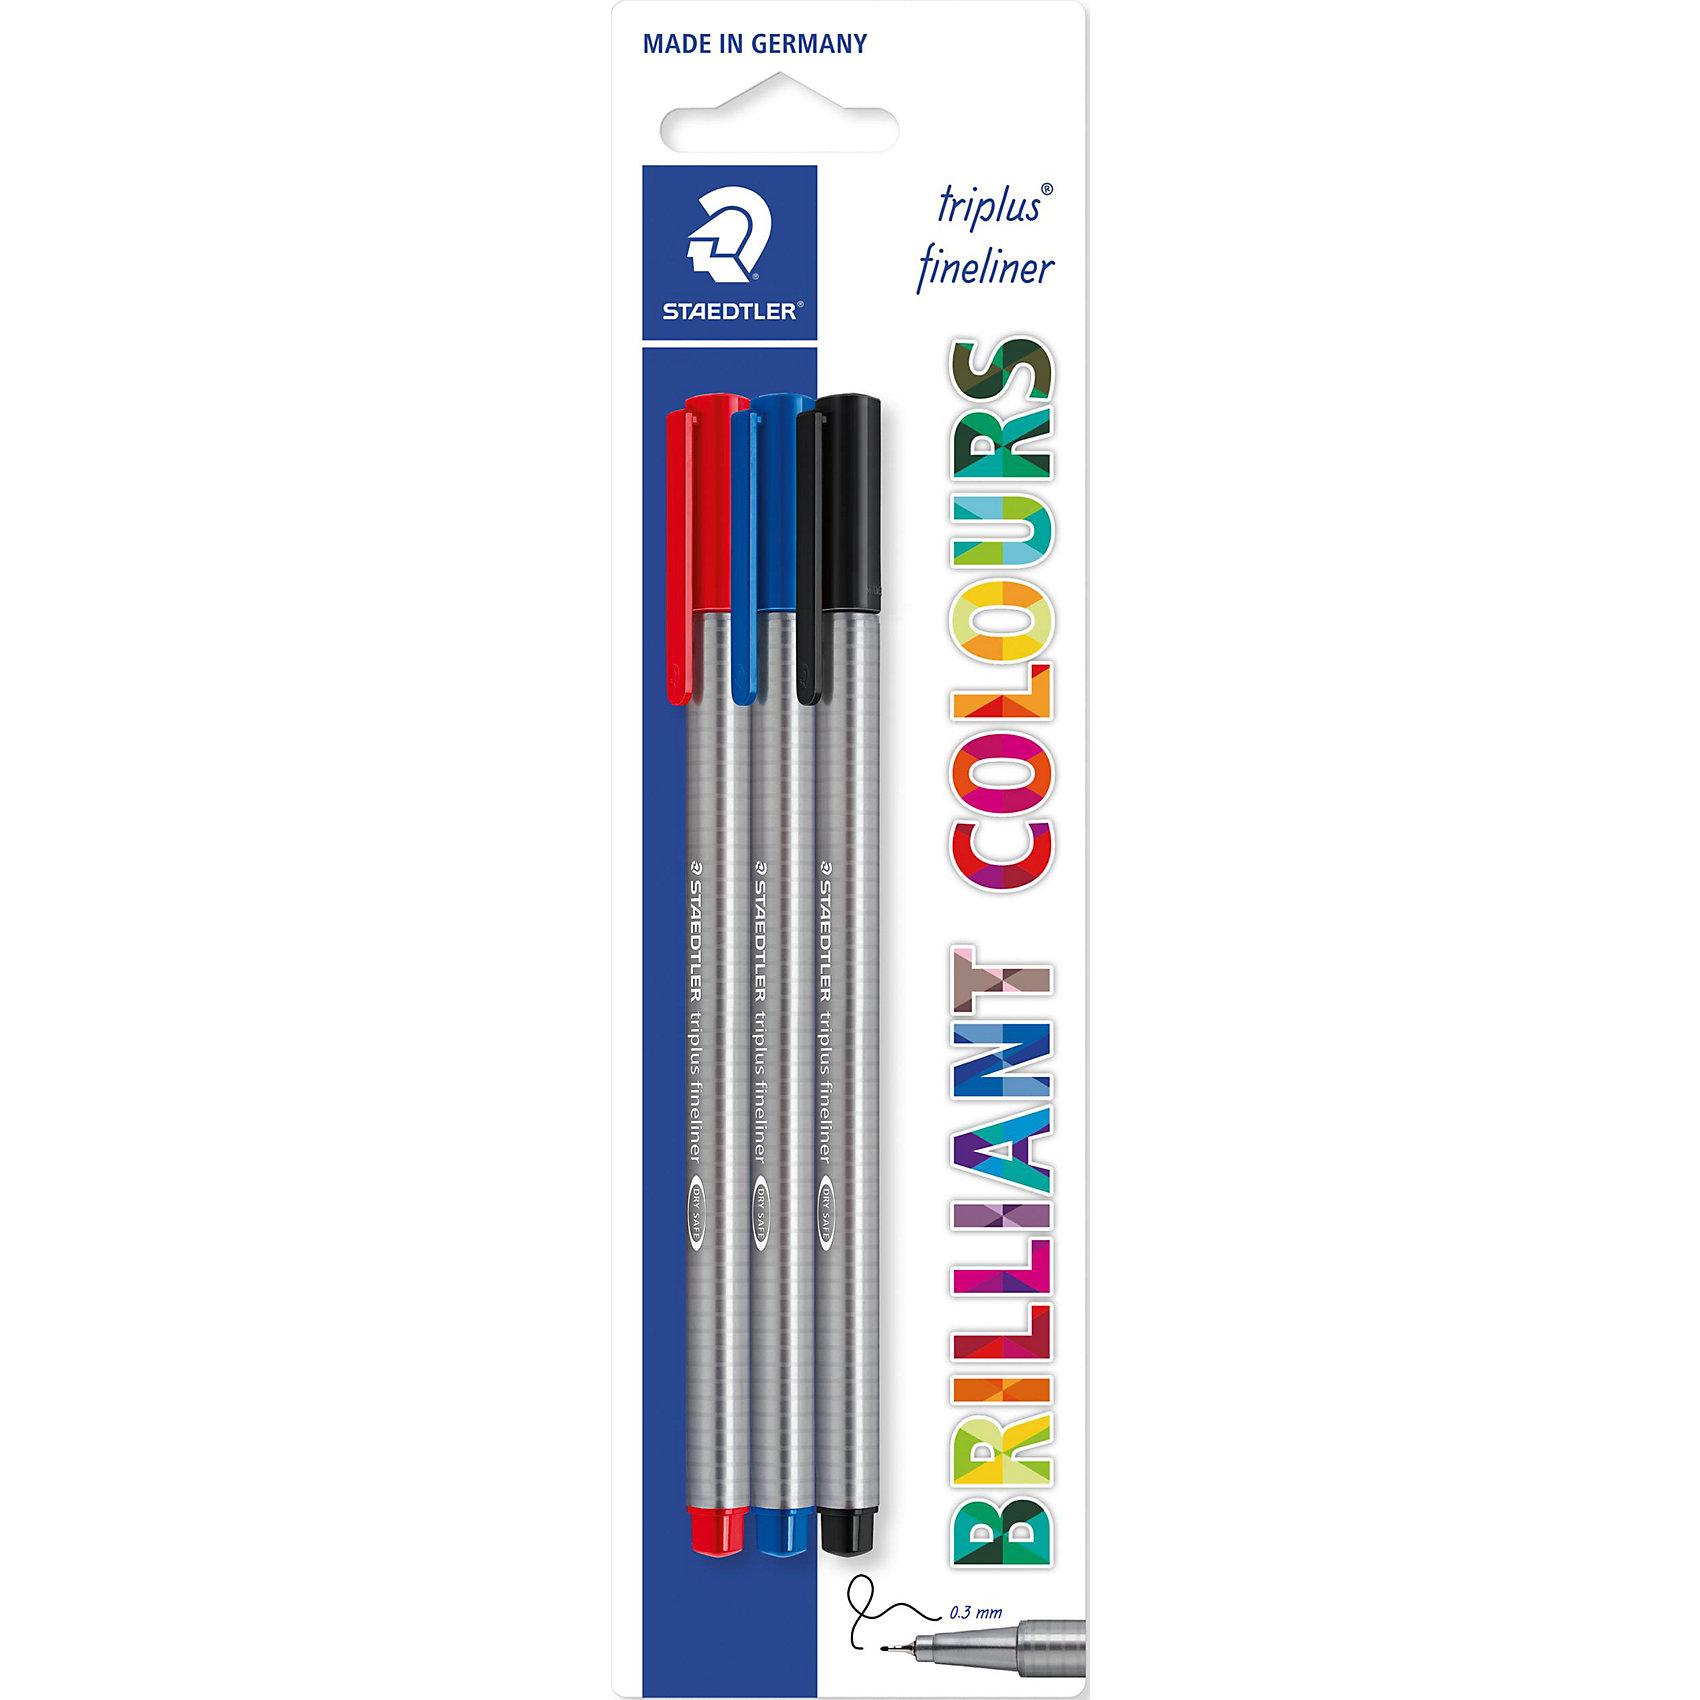 Капиллярная ручка Triplus Liner, синий, черный, красный, StaedtlerПисьменные принадлежности<br>Капиллярная ручка Triplus Liner, Staedtler идеально подойдет для школьных занятий и творчества. У ручки эргономичный трехгранный корпус, обеспечивающий комфортное письмо и прочный металлический наконечник. Ручка отличается мягкостью и плавностью при письме. Уникальная система «DRY SAFE» позволяет оставлять ручку без колпачка на несколько дней без угрозы высыхания. В комплекте 3 ручки: синяя, черная, красная.<br><br>Дополнительная информация:<br><br>- Цвета: синий, черный, красный.<br>- Толщина линии: 0,3 мм.<br>- Размер упаковки: 20 х 2 х 10 см.<br>- Вес: 50 гр.<br><br>Капиллярную ручку Triplus Liner (синий, черный, красный), Staedtler можно купить в нашем интернет-магазине.<br><br>Ширина мм: 200<br>Глубина мм: 20<br>Высота мм: 100<br>Вес г: 50<br>Возраст от месяцев: 72<br>Возраст до месяцев: 192<br>Пол: Унисекс<br>Возраст: Детский<br>SKU: 3717632